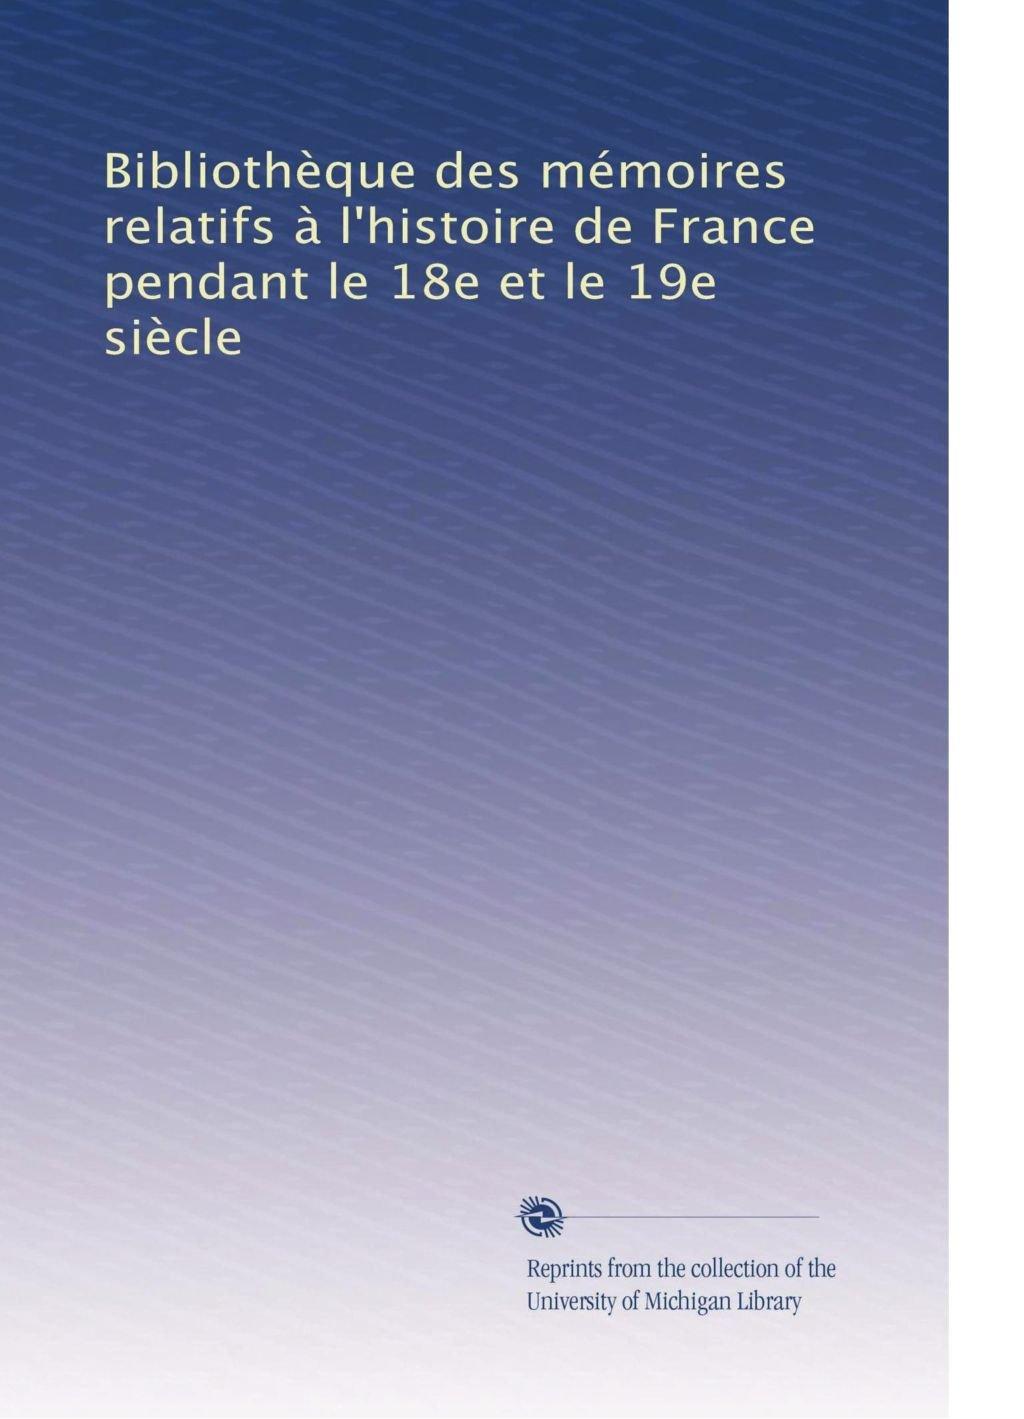 Bibliothèque des mémoires relatifs à l'histoire de France pendant le 18e et le 19e siècle (Volume 27) (French Edition) ebook